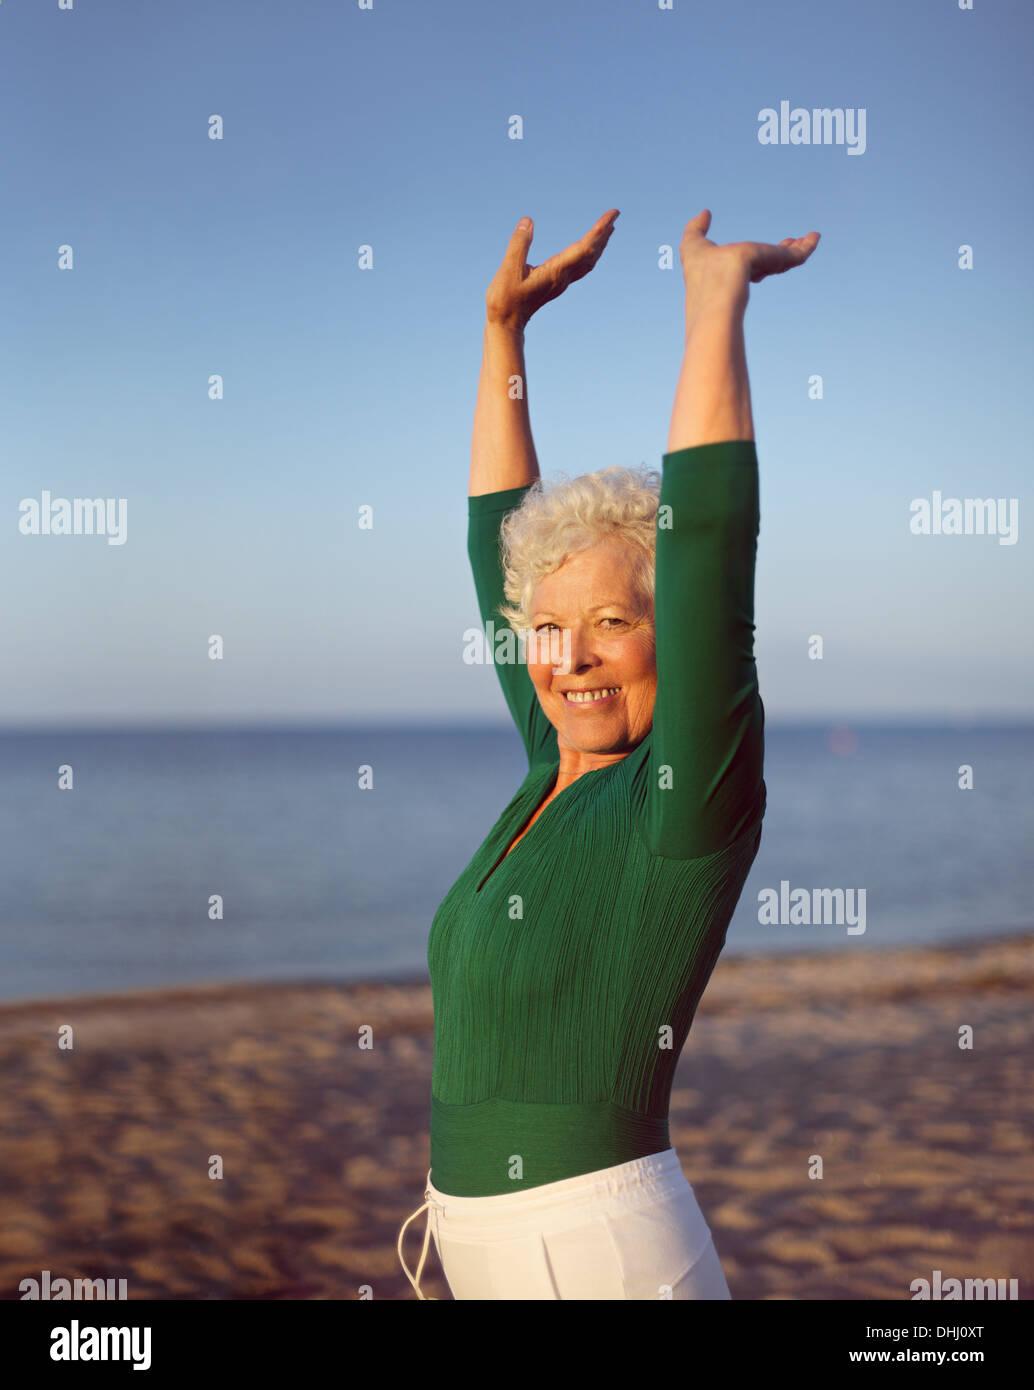 Porträt der gesunde ältere Frau praktizieren Yoga am Strand mit Exemplar. Passen alte kaukasische Frau trainieren im Freien bleiben. Stockbild